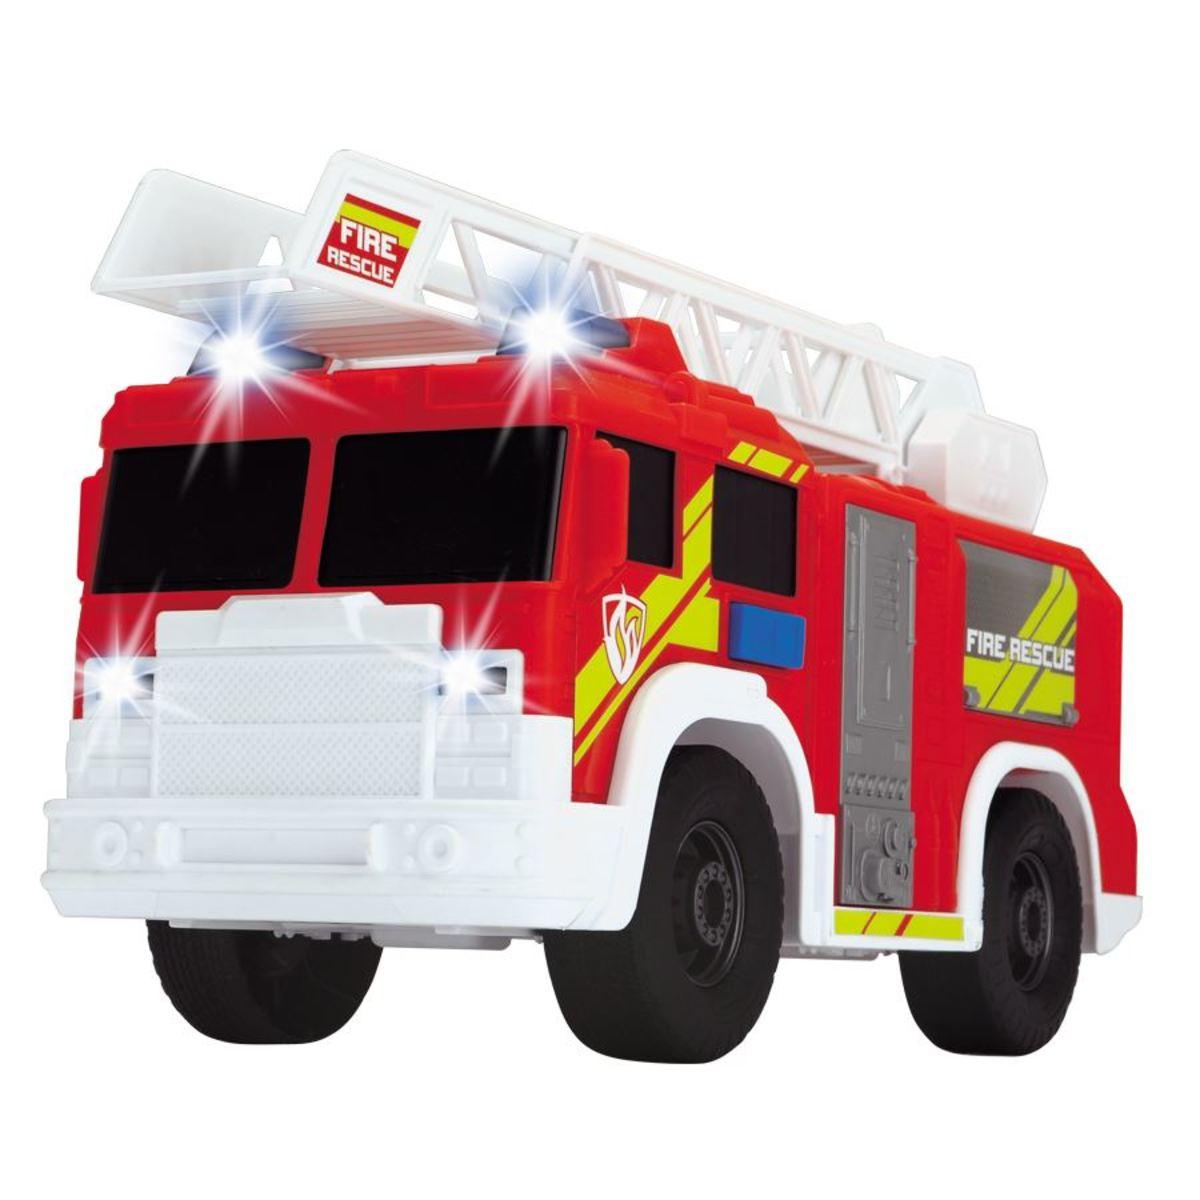 Bild 3 von Dickie Toys Feuerwehrauto Fire Rescue Unit